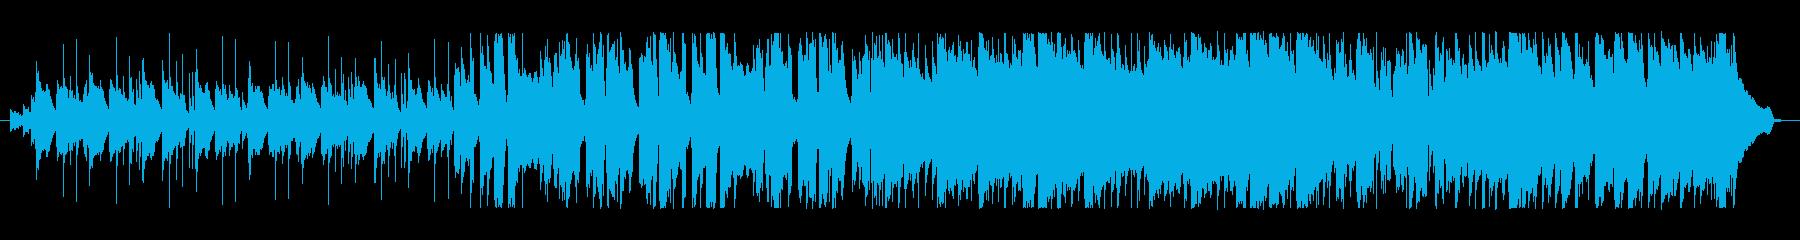 マリンバのリフが特徴的なポップスの再生済みの波形